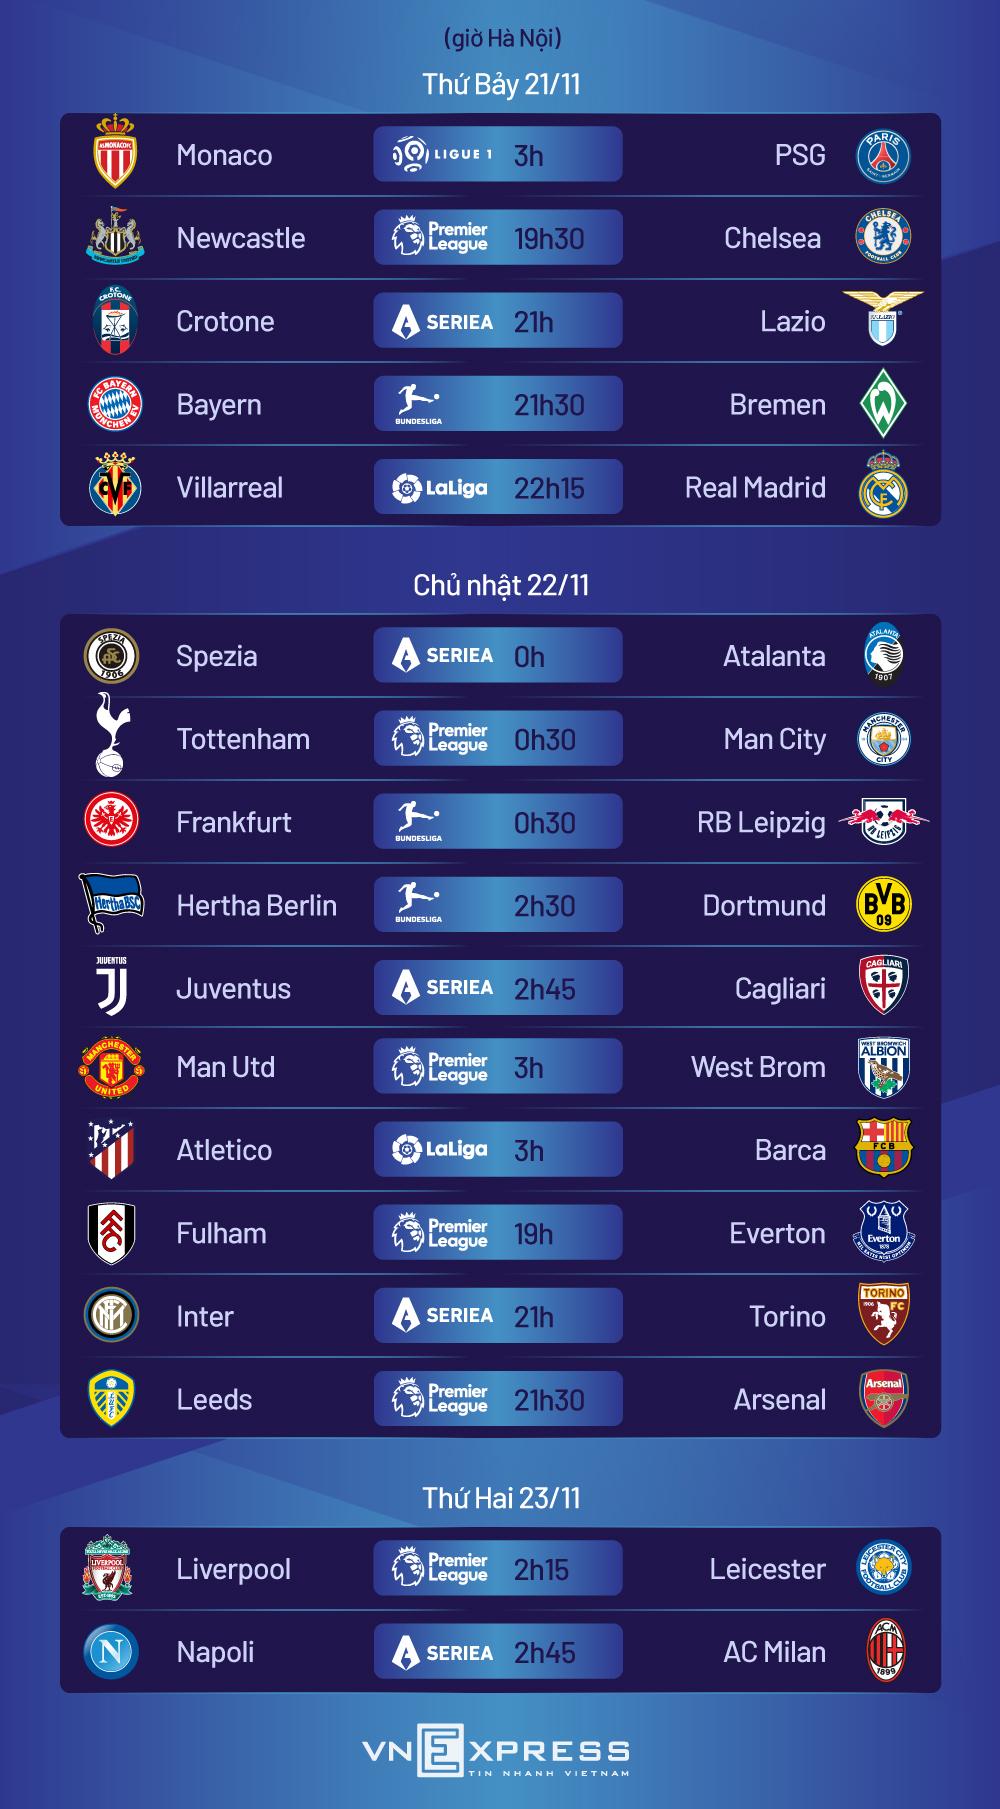 Lịch đấu cuối tuần của bóng đá châu Âu. Đồ hoạ: Tiến Thành.